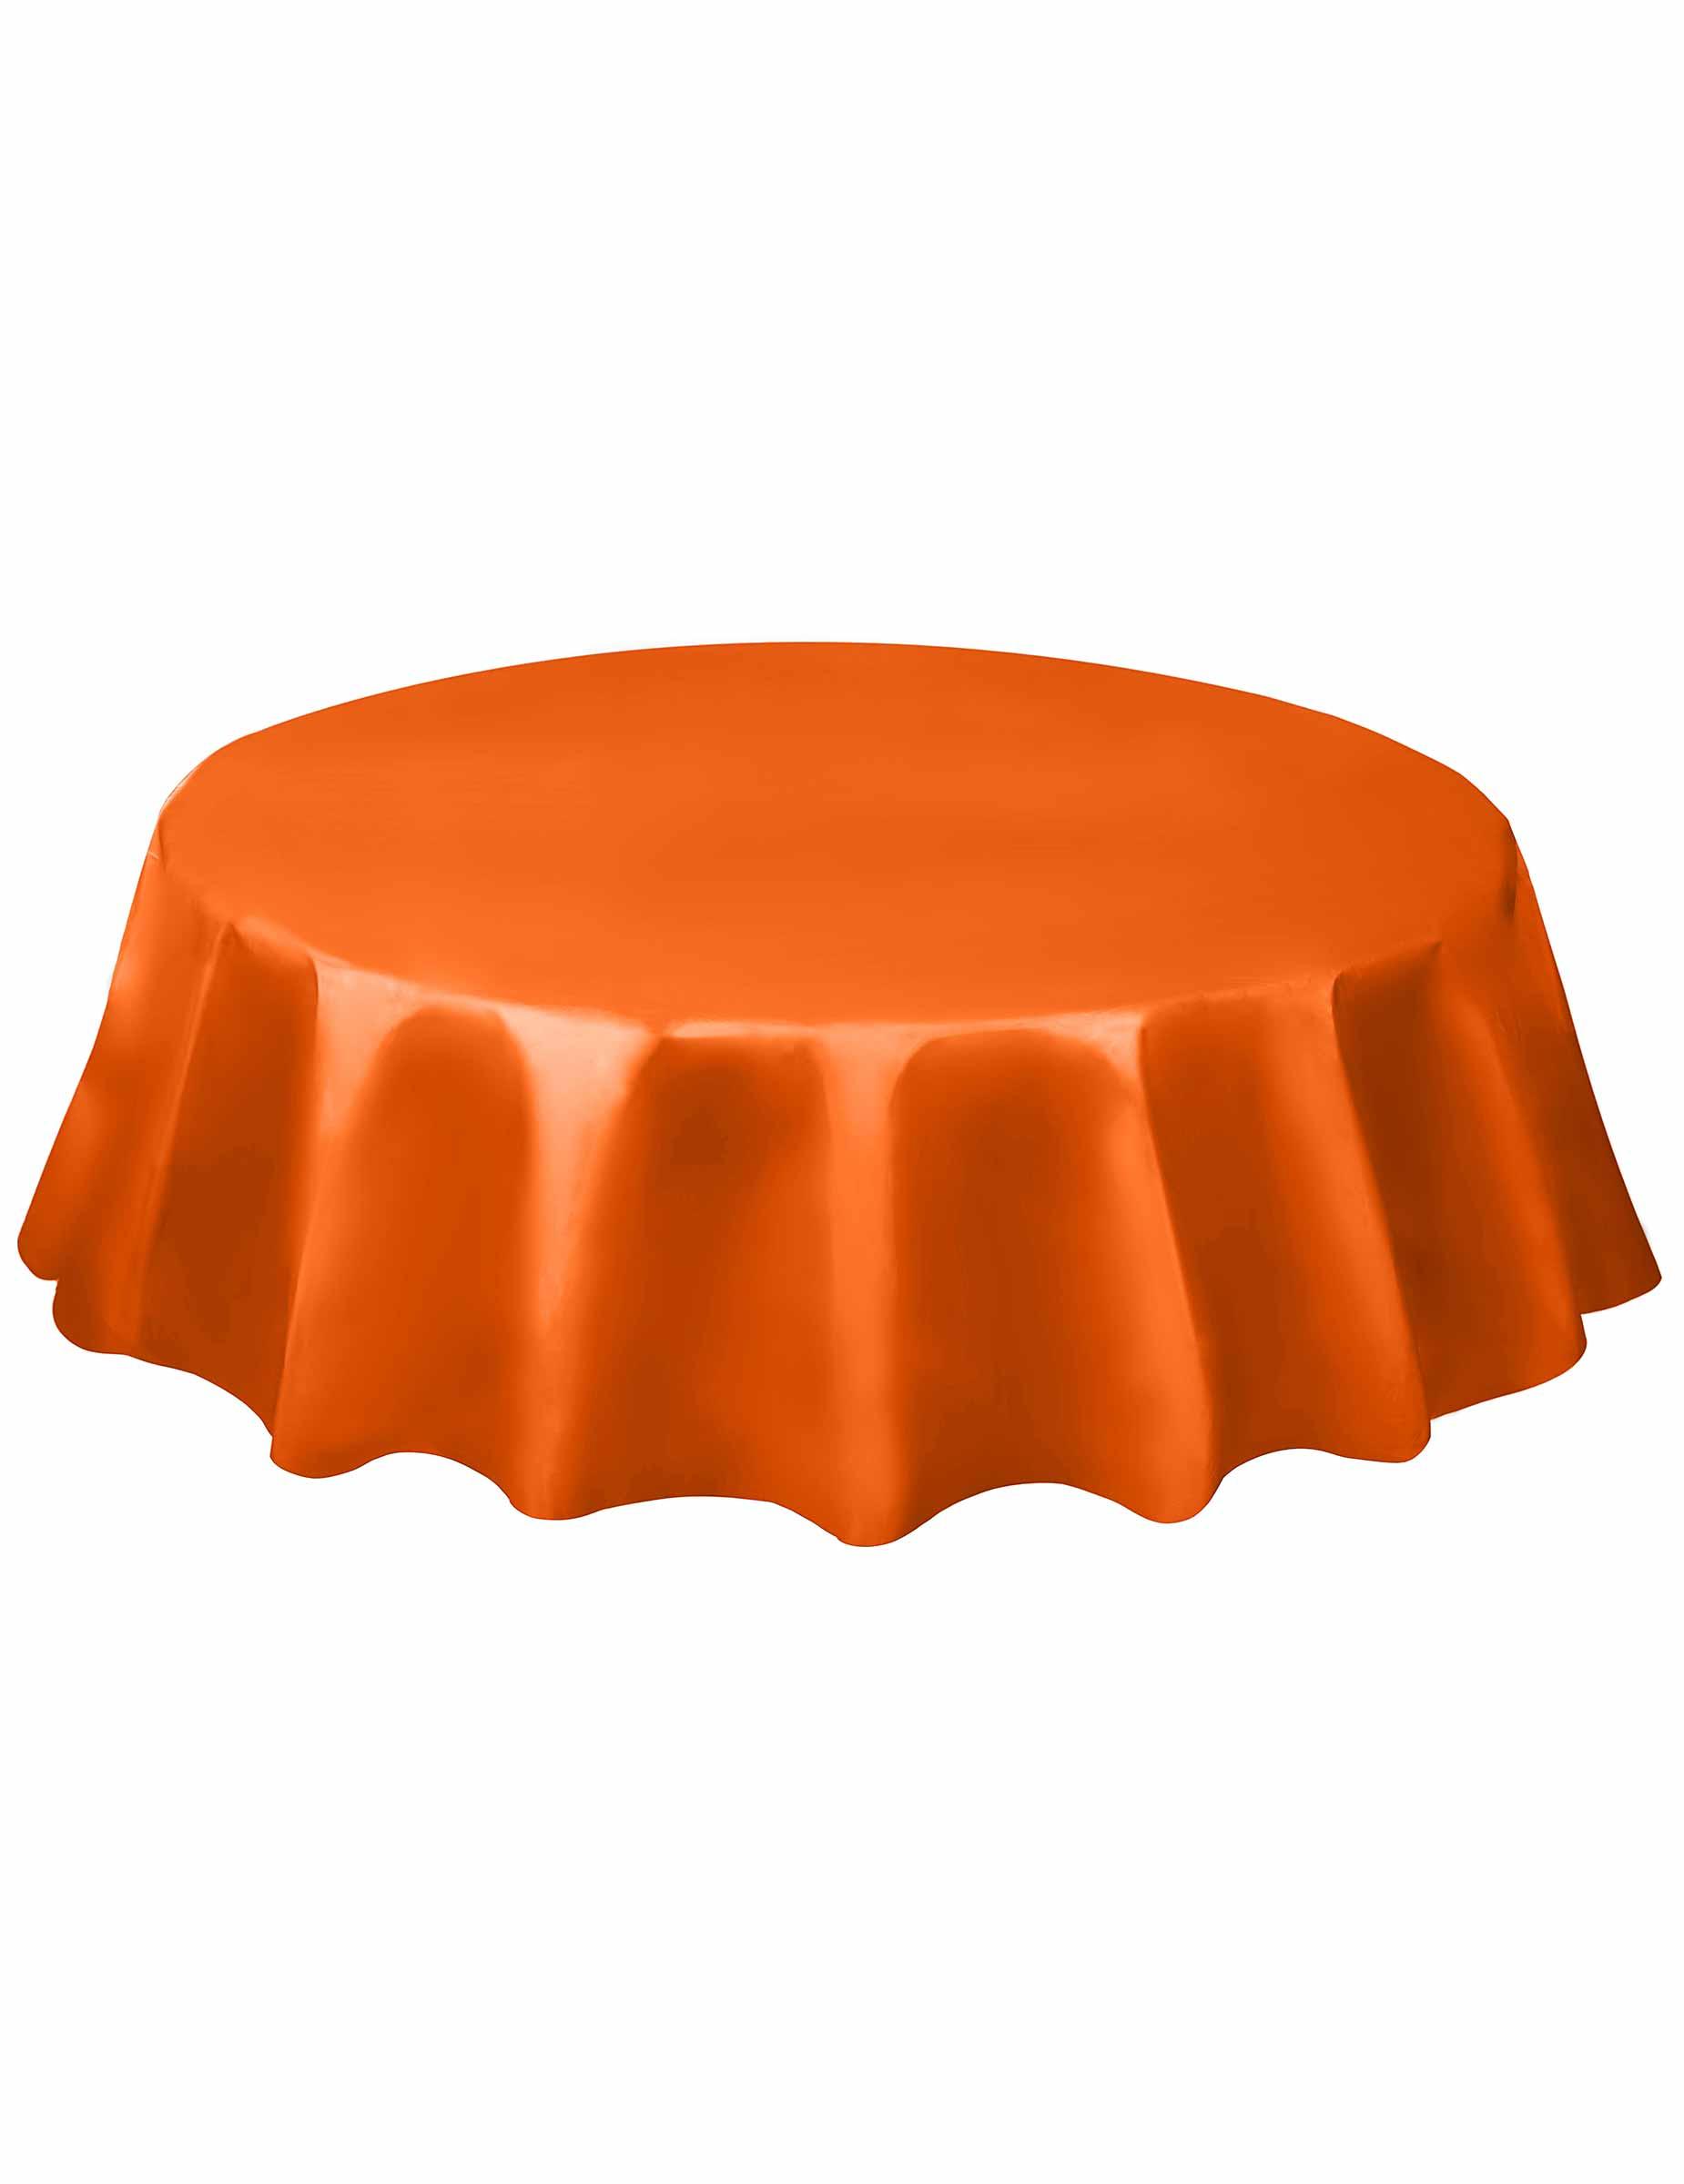 nappe ronde en plastique orange 213 cm d coration anniversaire et f tes th me sur vegaoo party. Black Bedroom Furniture Sets. Home Design Ideas